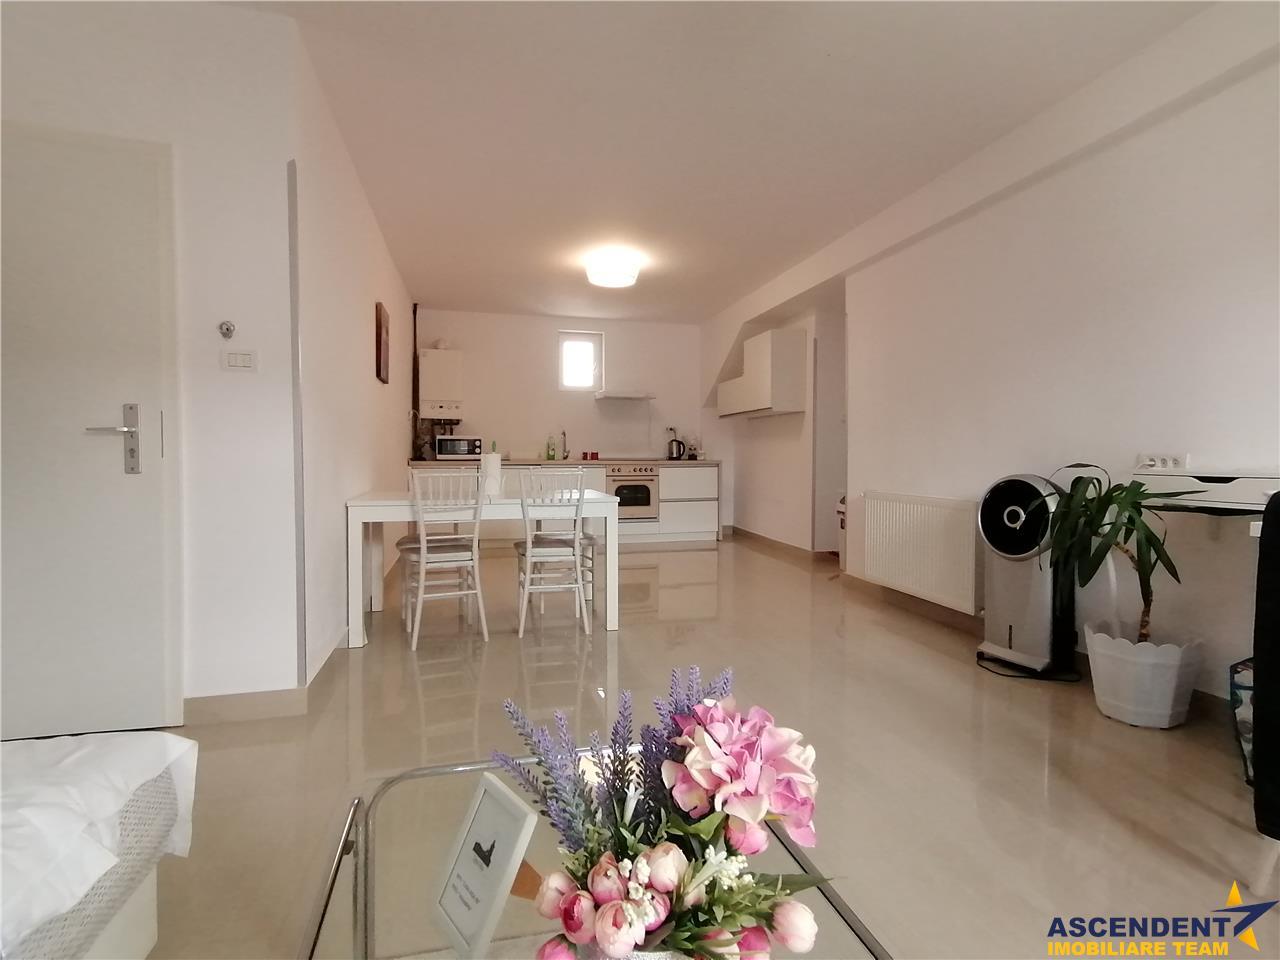 Superapartament, nou, in casa, 3 camere, mobilat si utilat modern